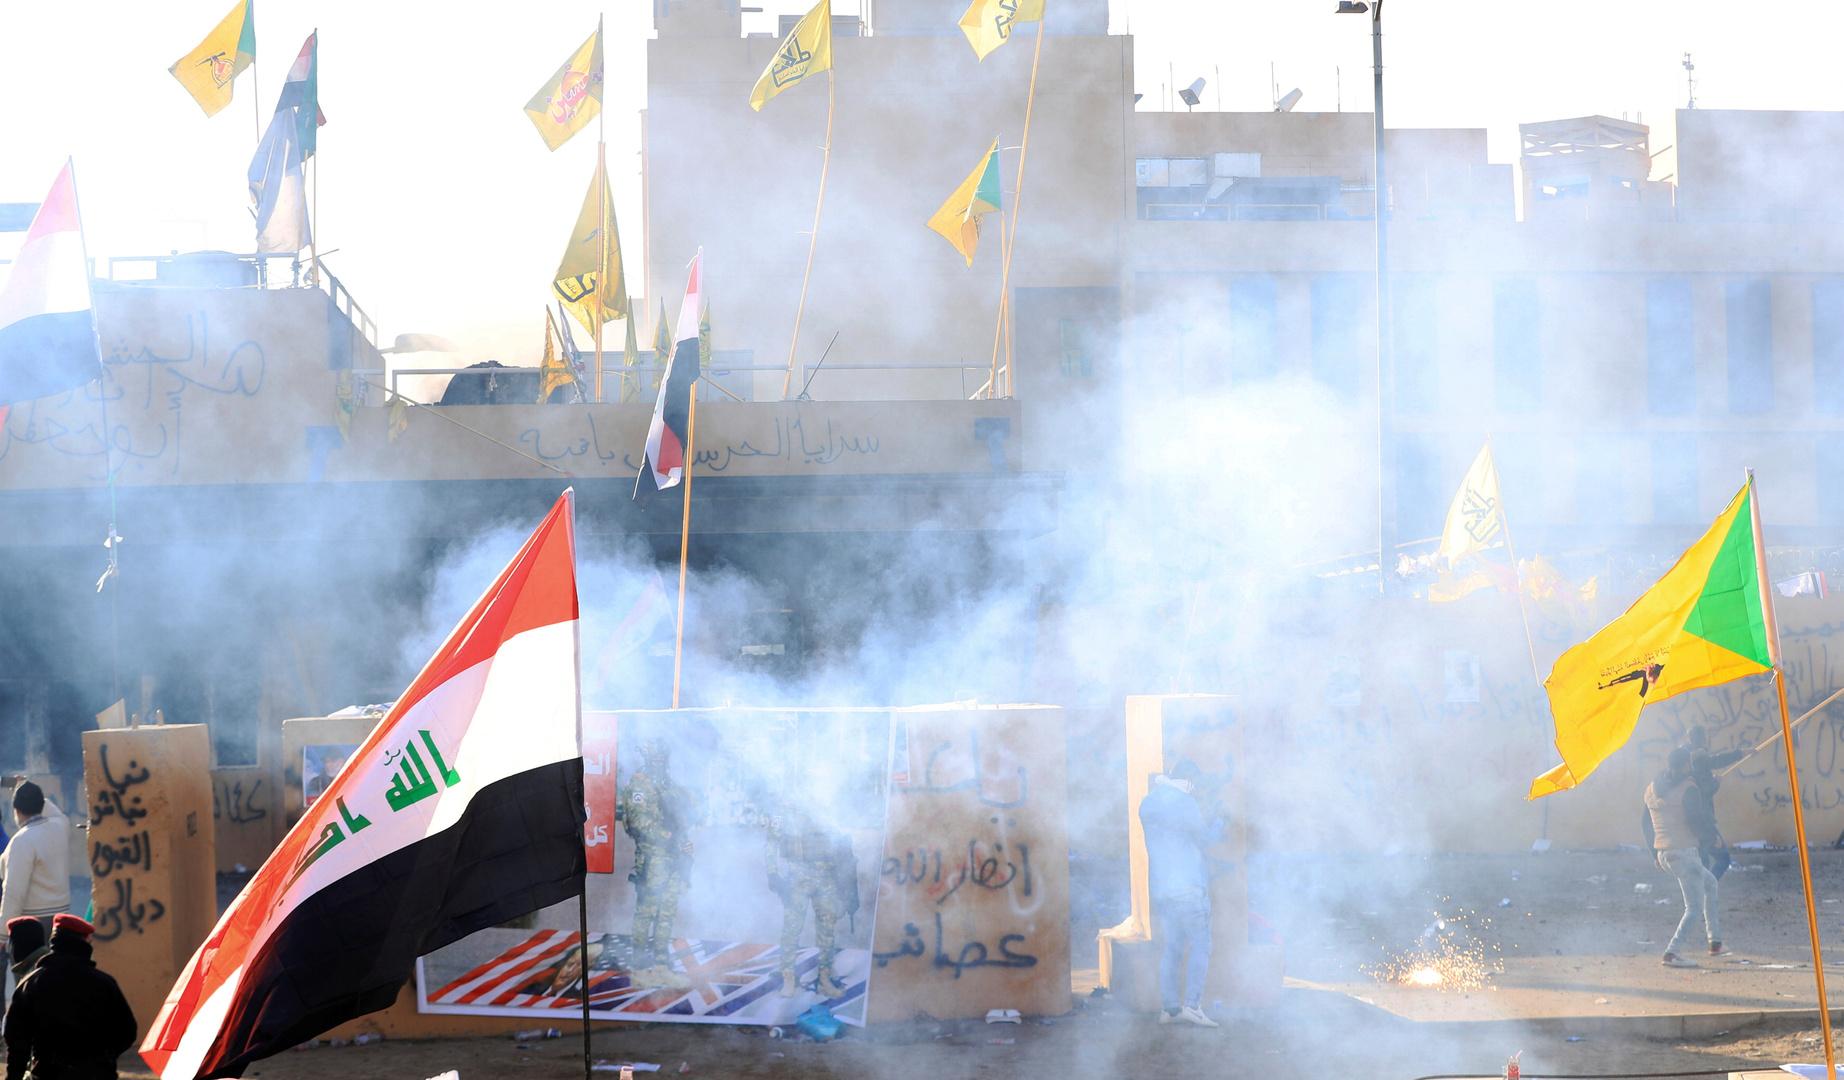 مسؤول عراقي: سفارات تفكر في نقل نشاطاتها من بغداد إلى أربيل